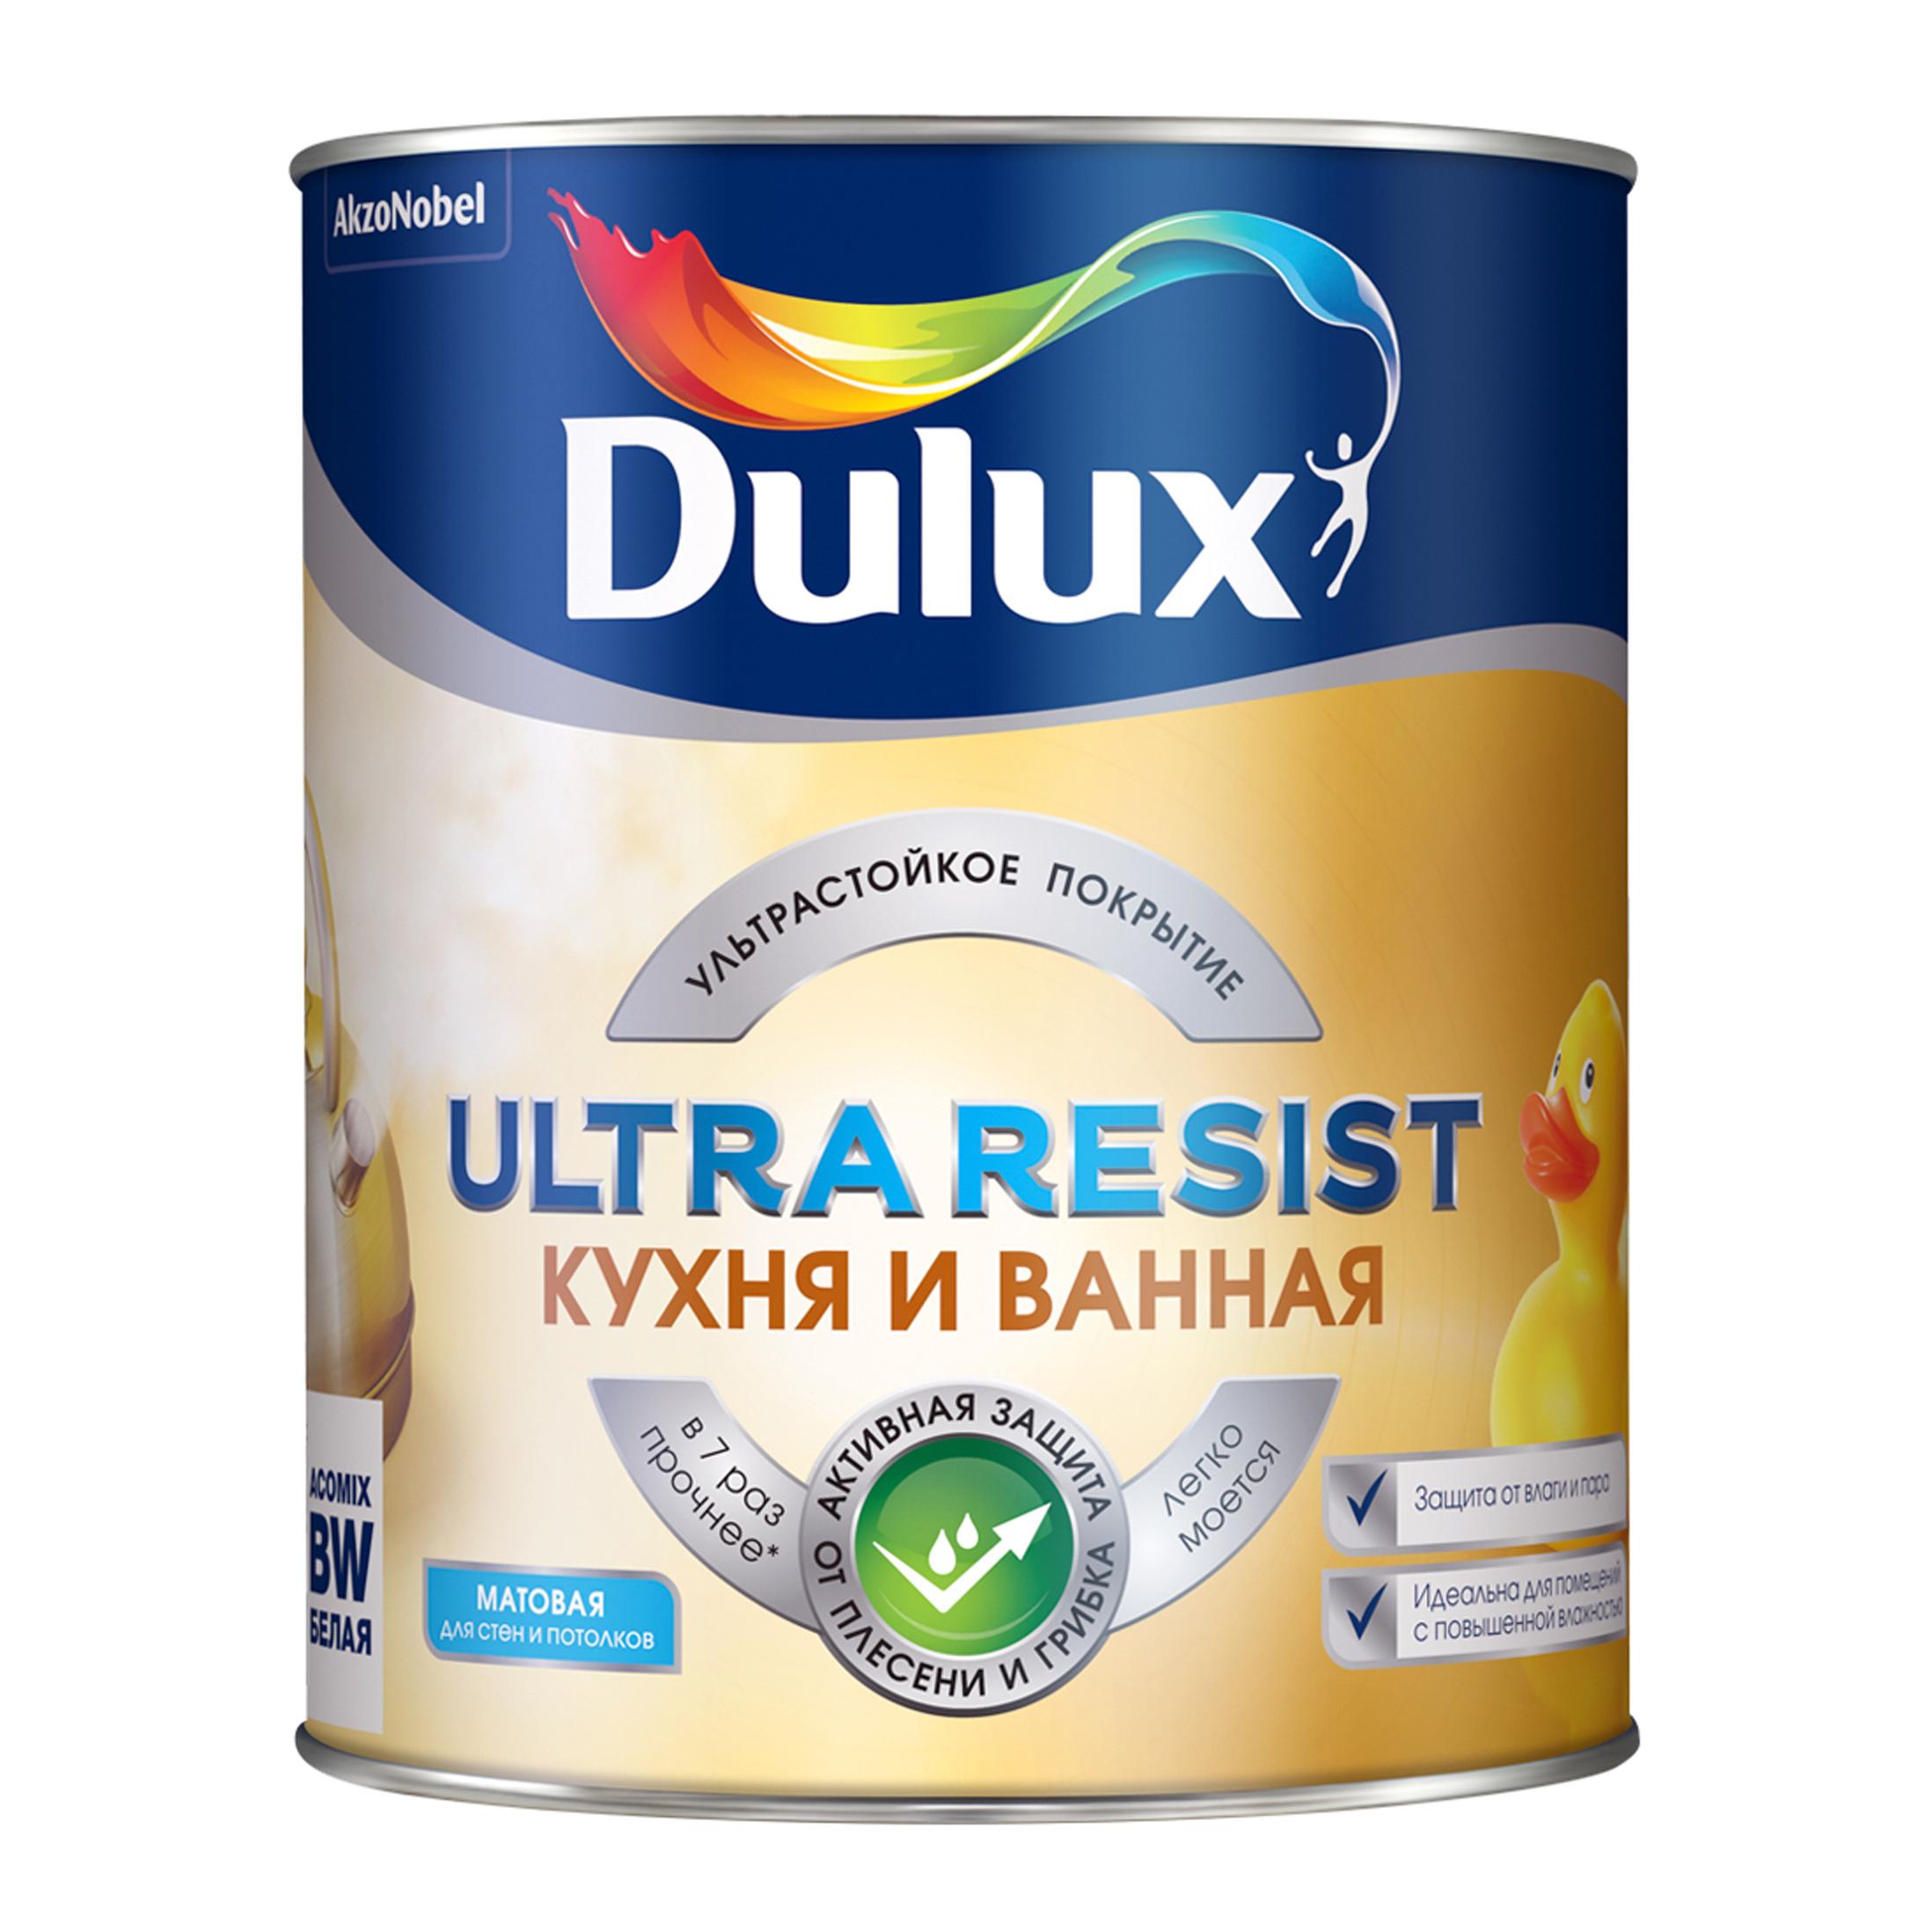 КраскаDulux Ultra Resist для Кухни и ванной матовая база BC (0,9л) краска dulux ultra resist гостиные и офисы матовая bc